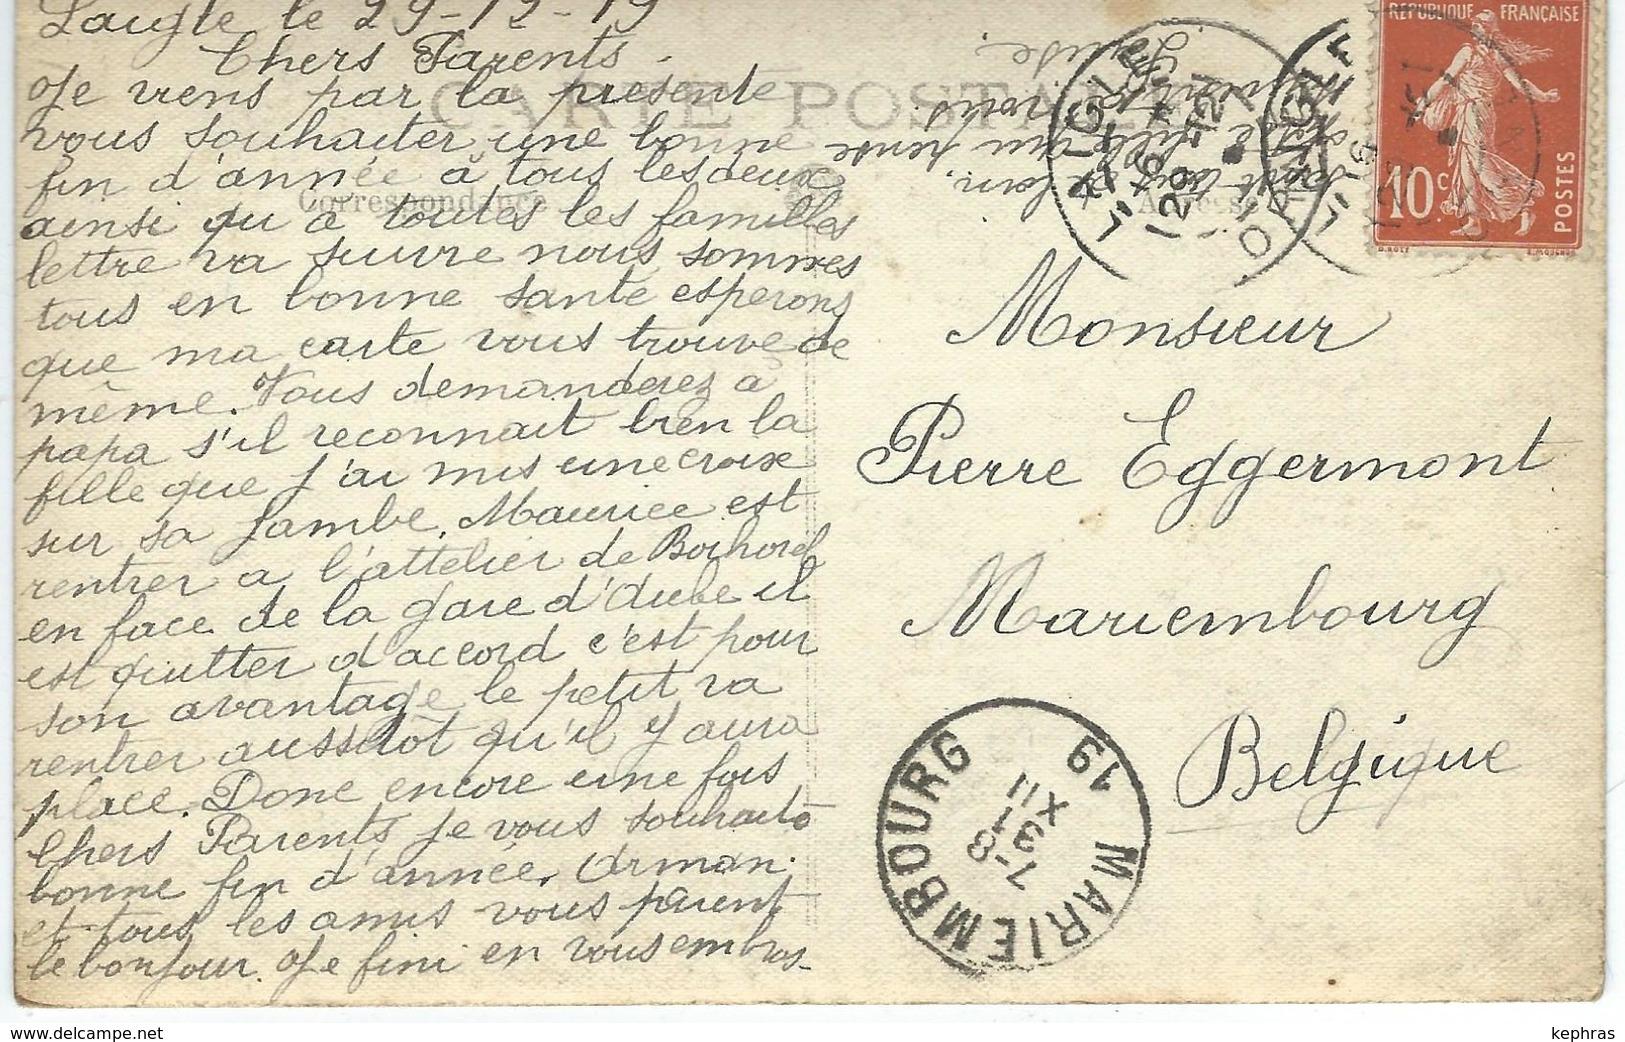 LAIGLE ( ORNE ) : RARE CARTE PHOTO - Commémoration De La Victoire 1918 - Cachet De La Poste 1919 - L'Aigle